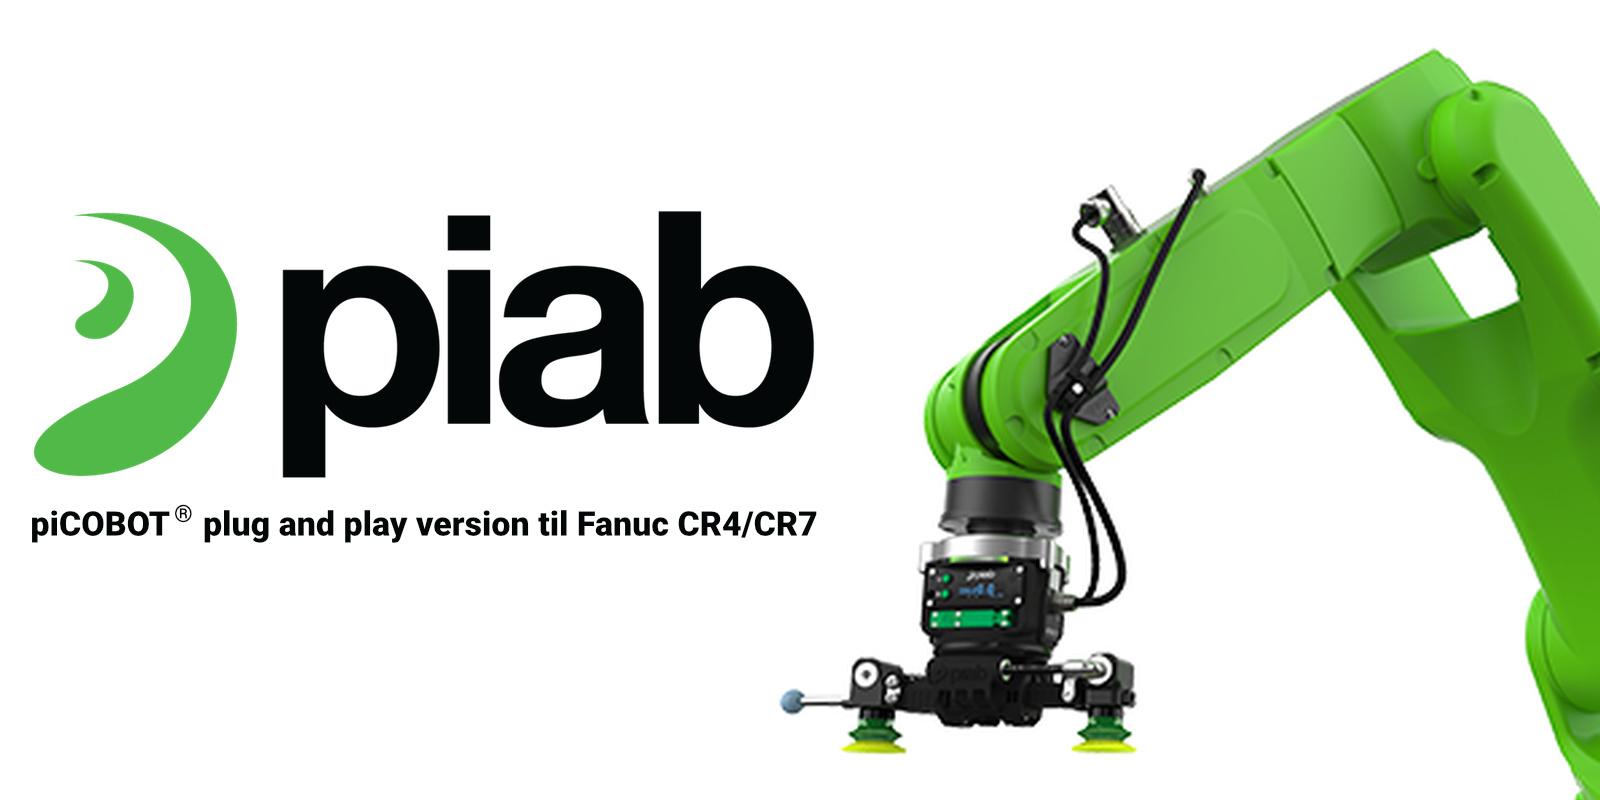 piCOBOT vakuum robotgriber nu som plug and play version til Fanuc robotter